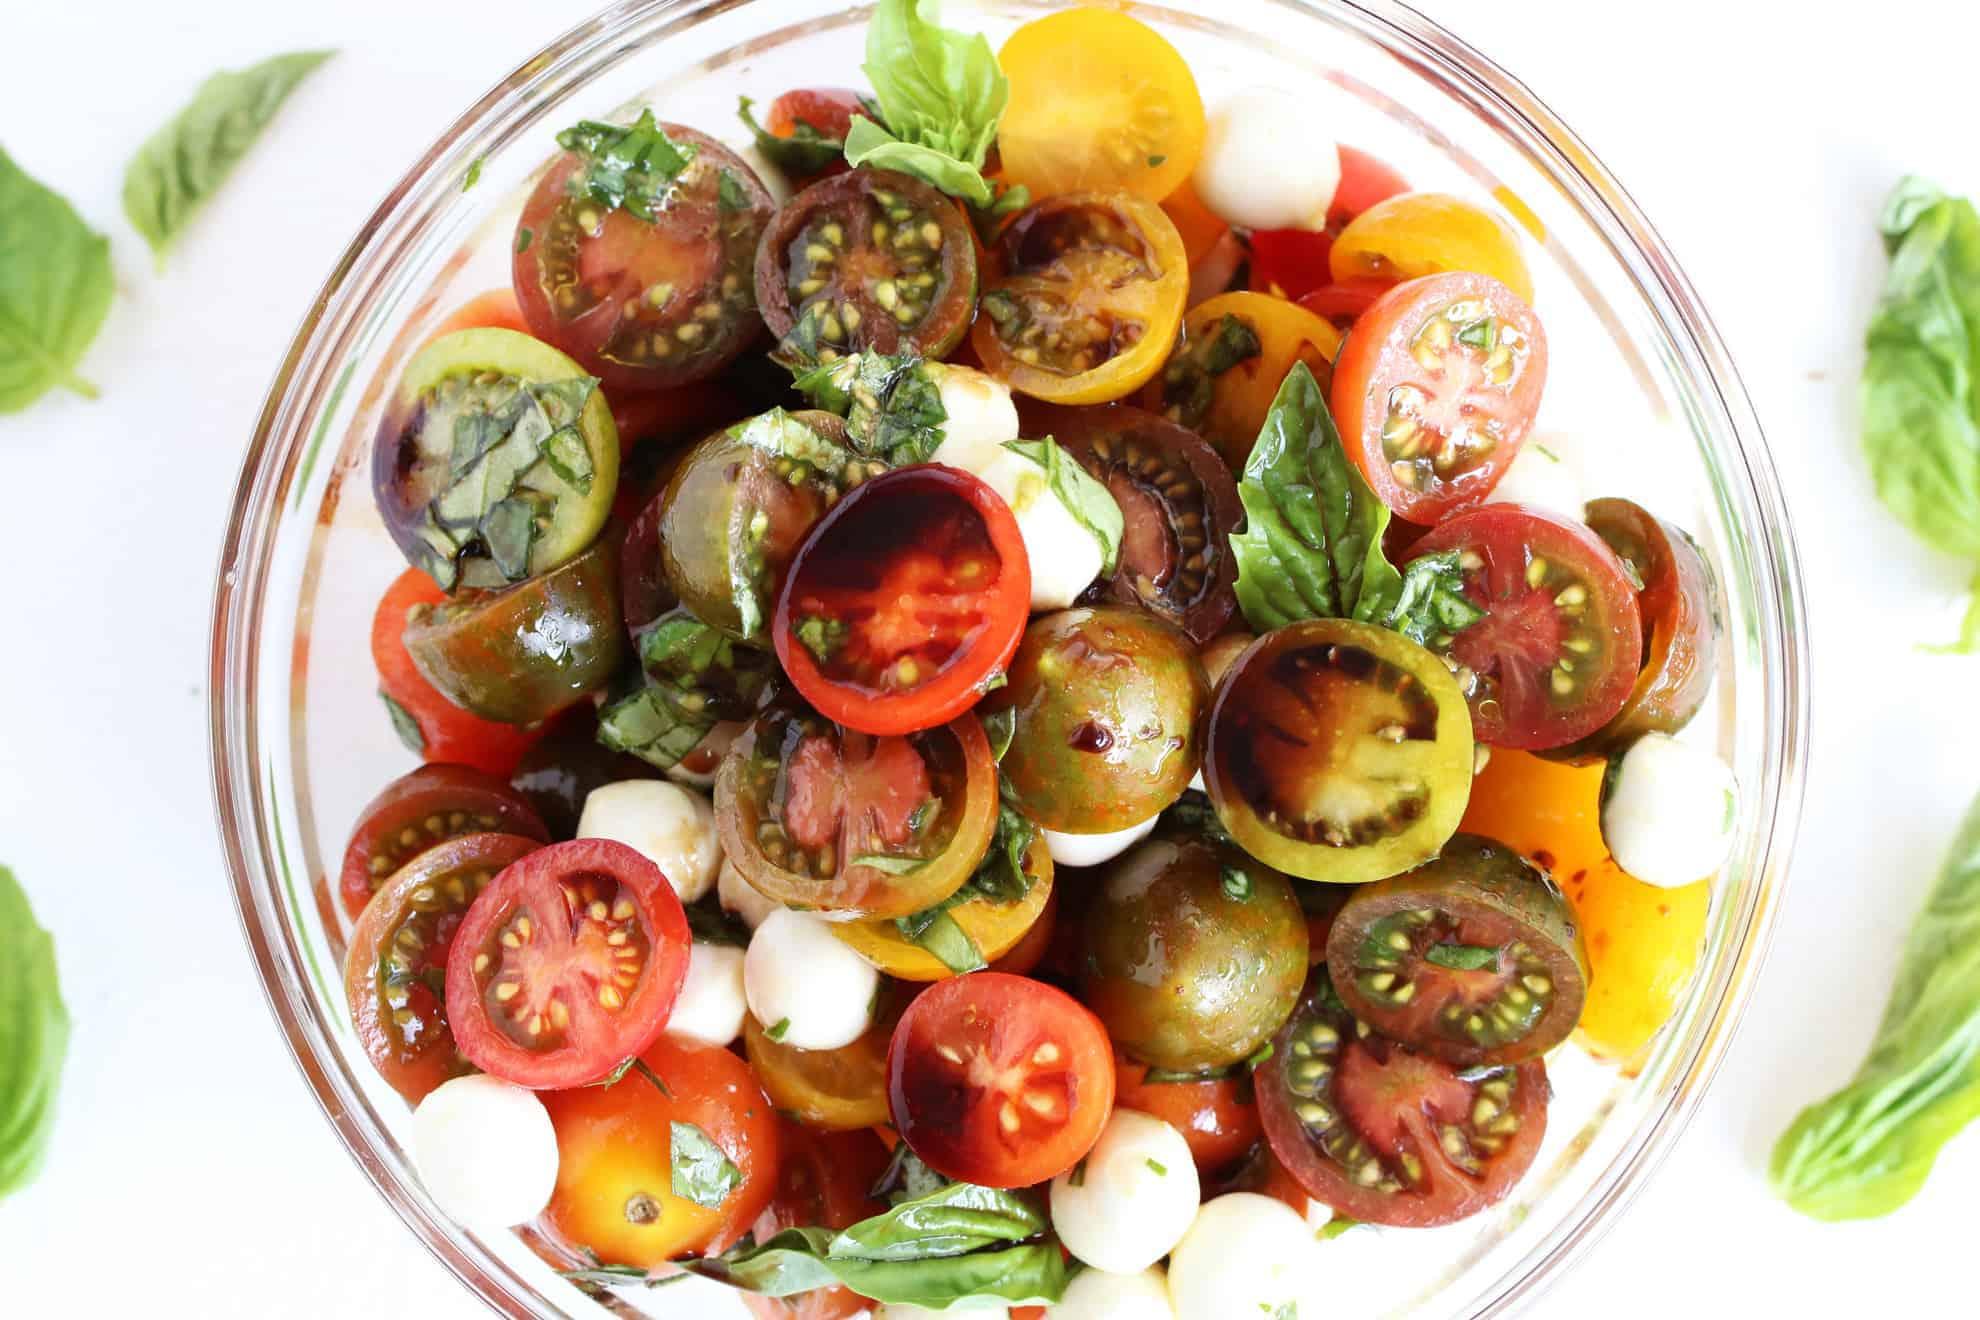 Mini Heirloom Caprese Salad